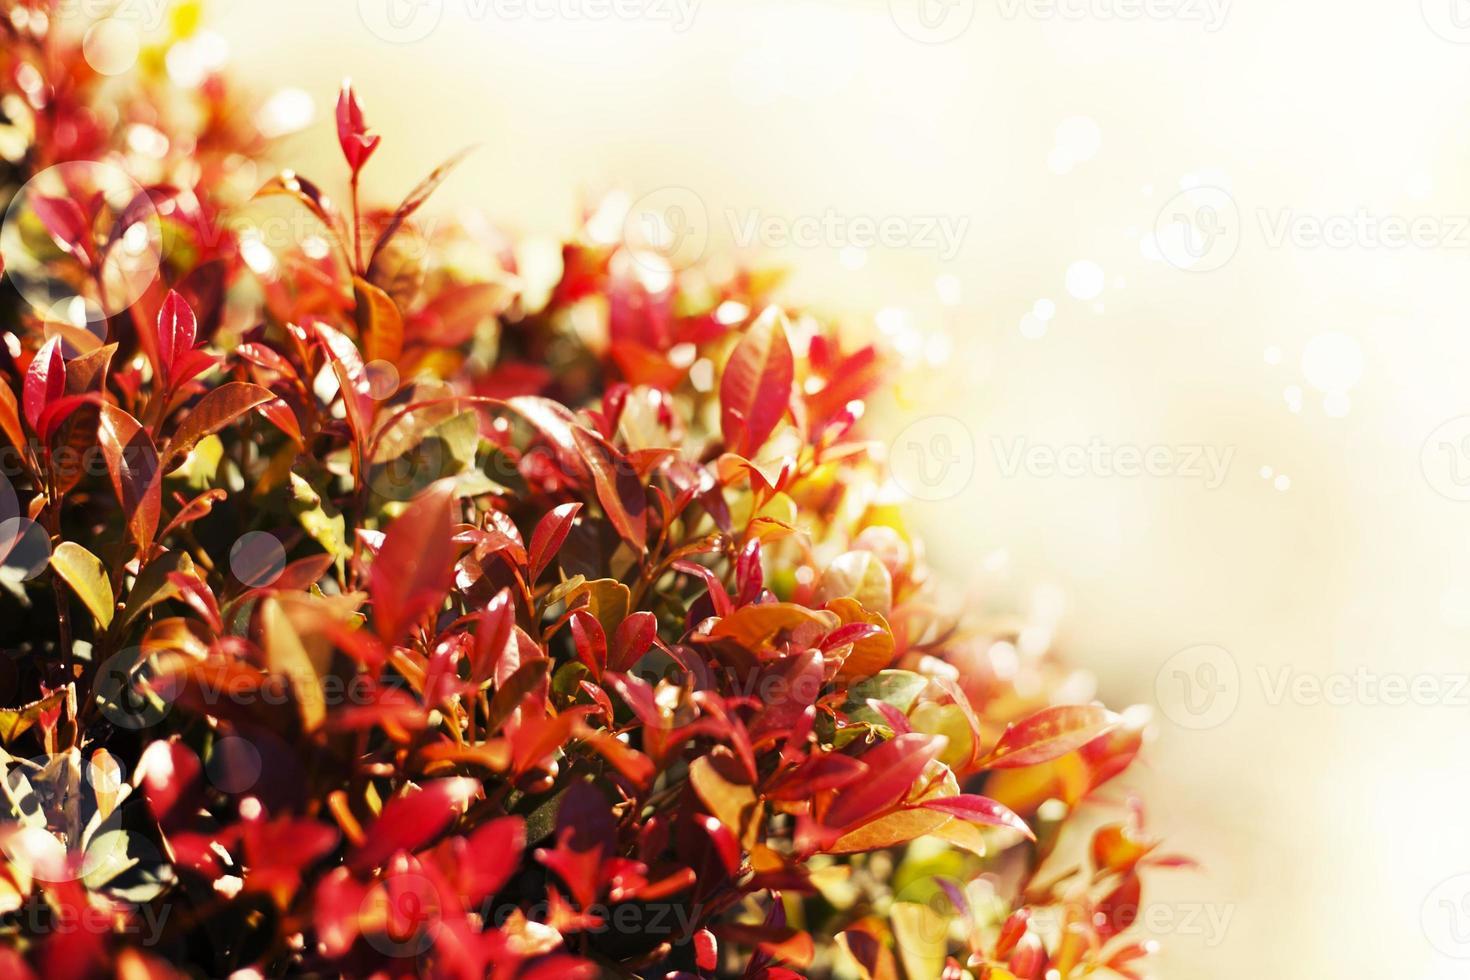 gelber Herbstlaubhintergrund, sehr flacher Fokus, Makrofotografie foto